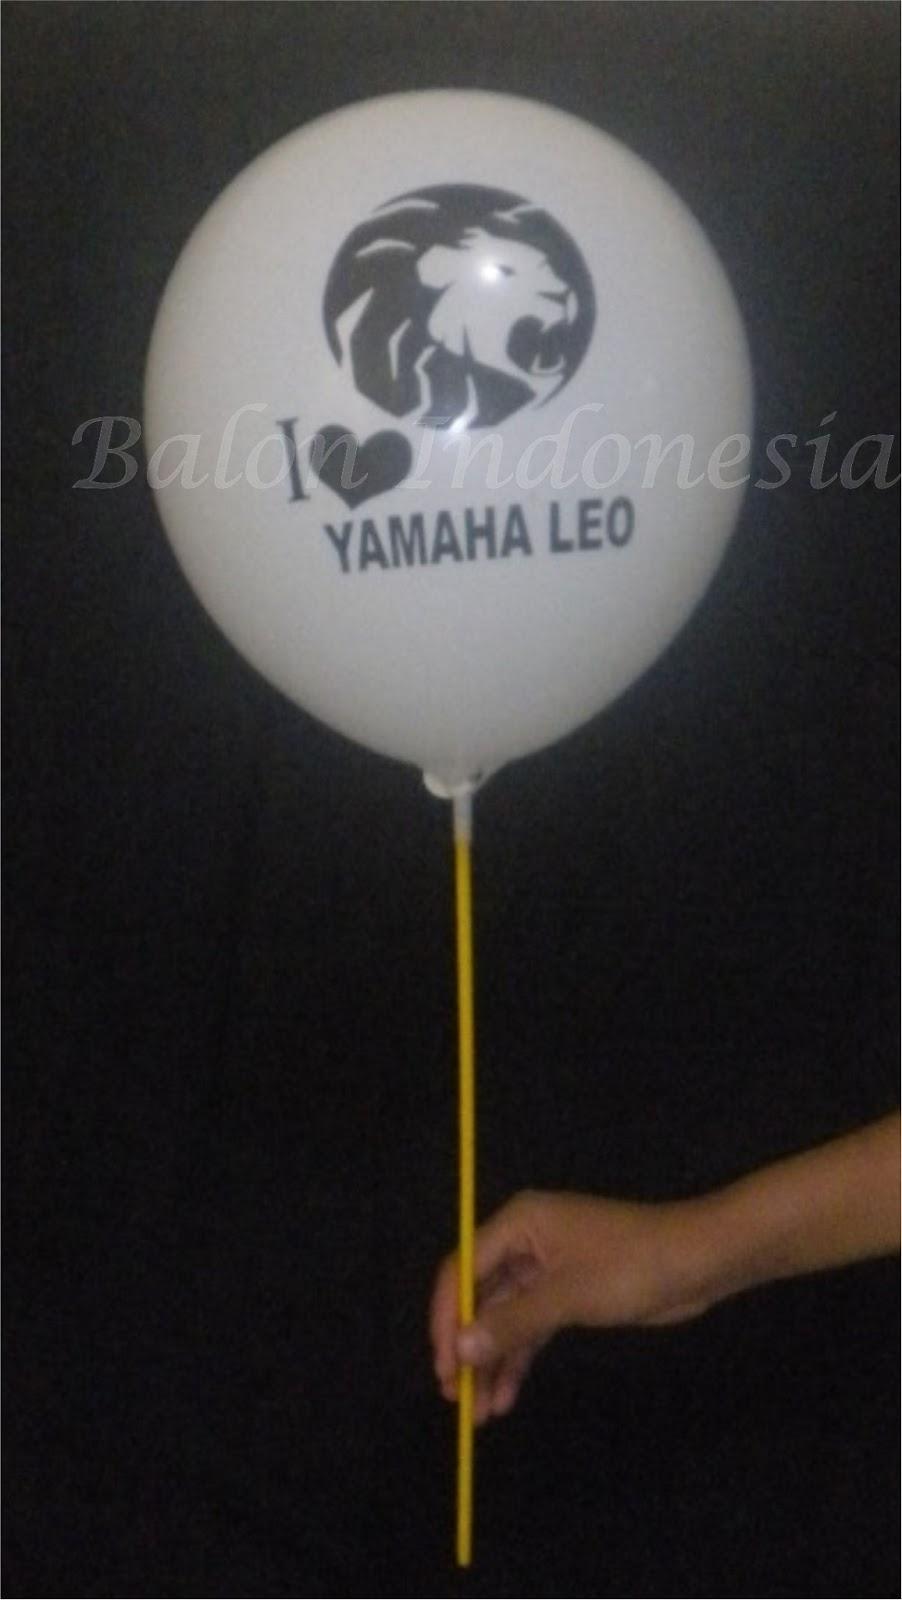 Balon Promosi Balon Tepuk Balon Dekorasi Balon Gate Balon Print Balon